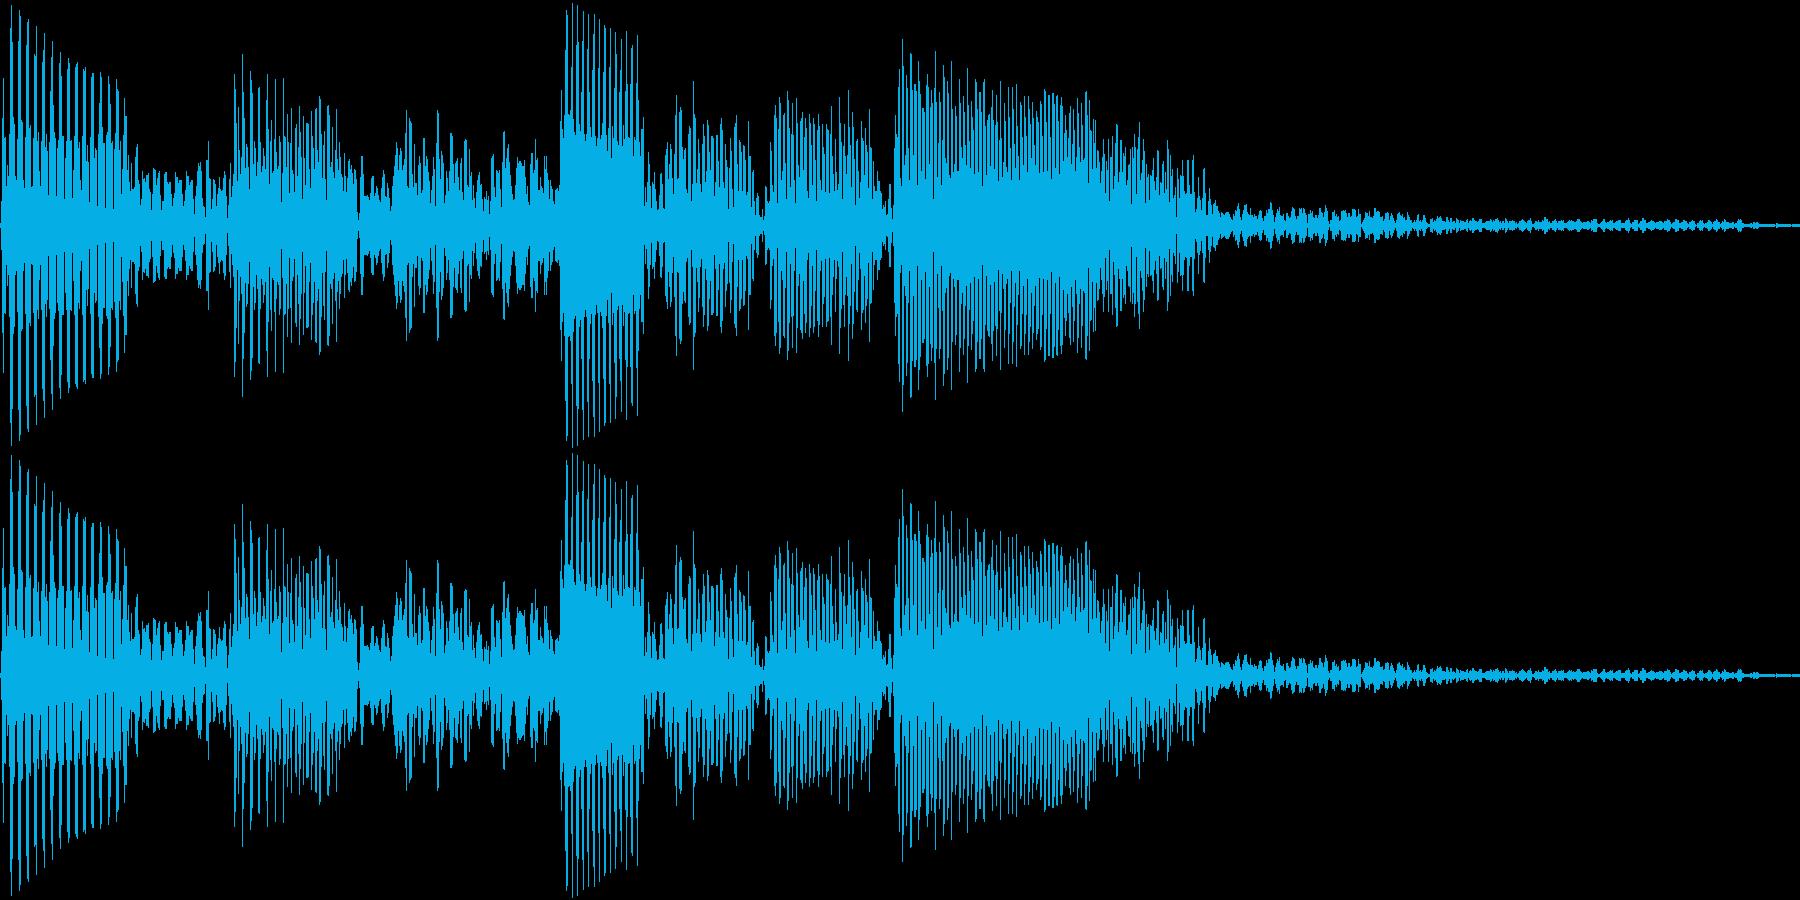 エレキベースのフレーズ1の再生済みの波形